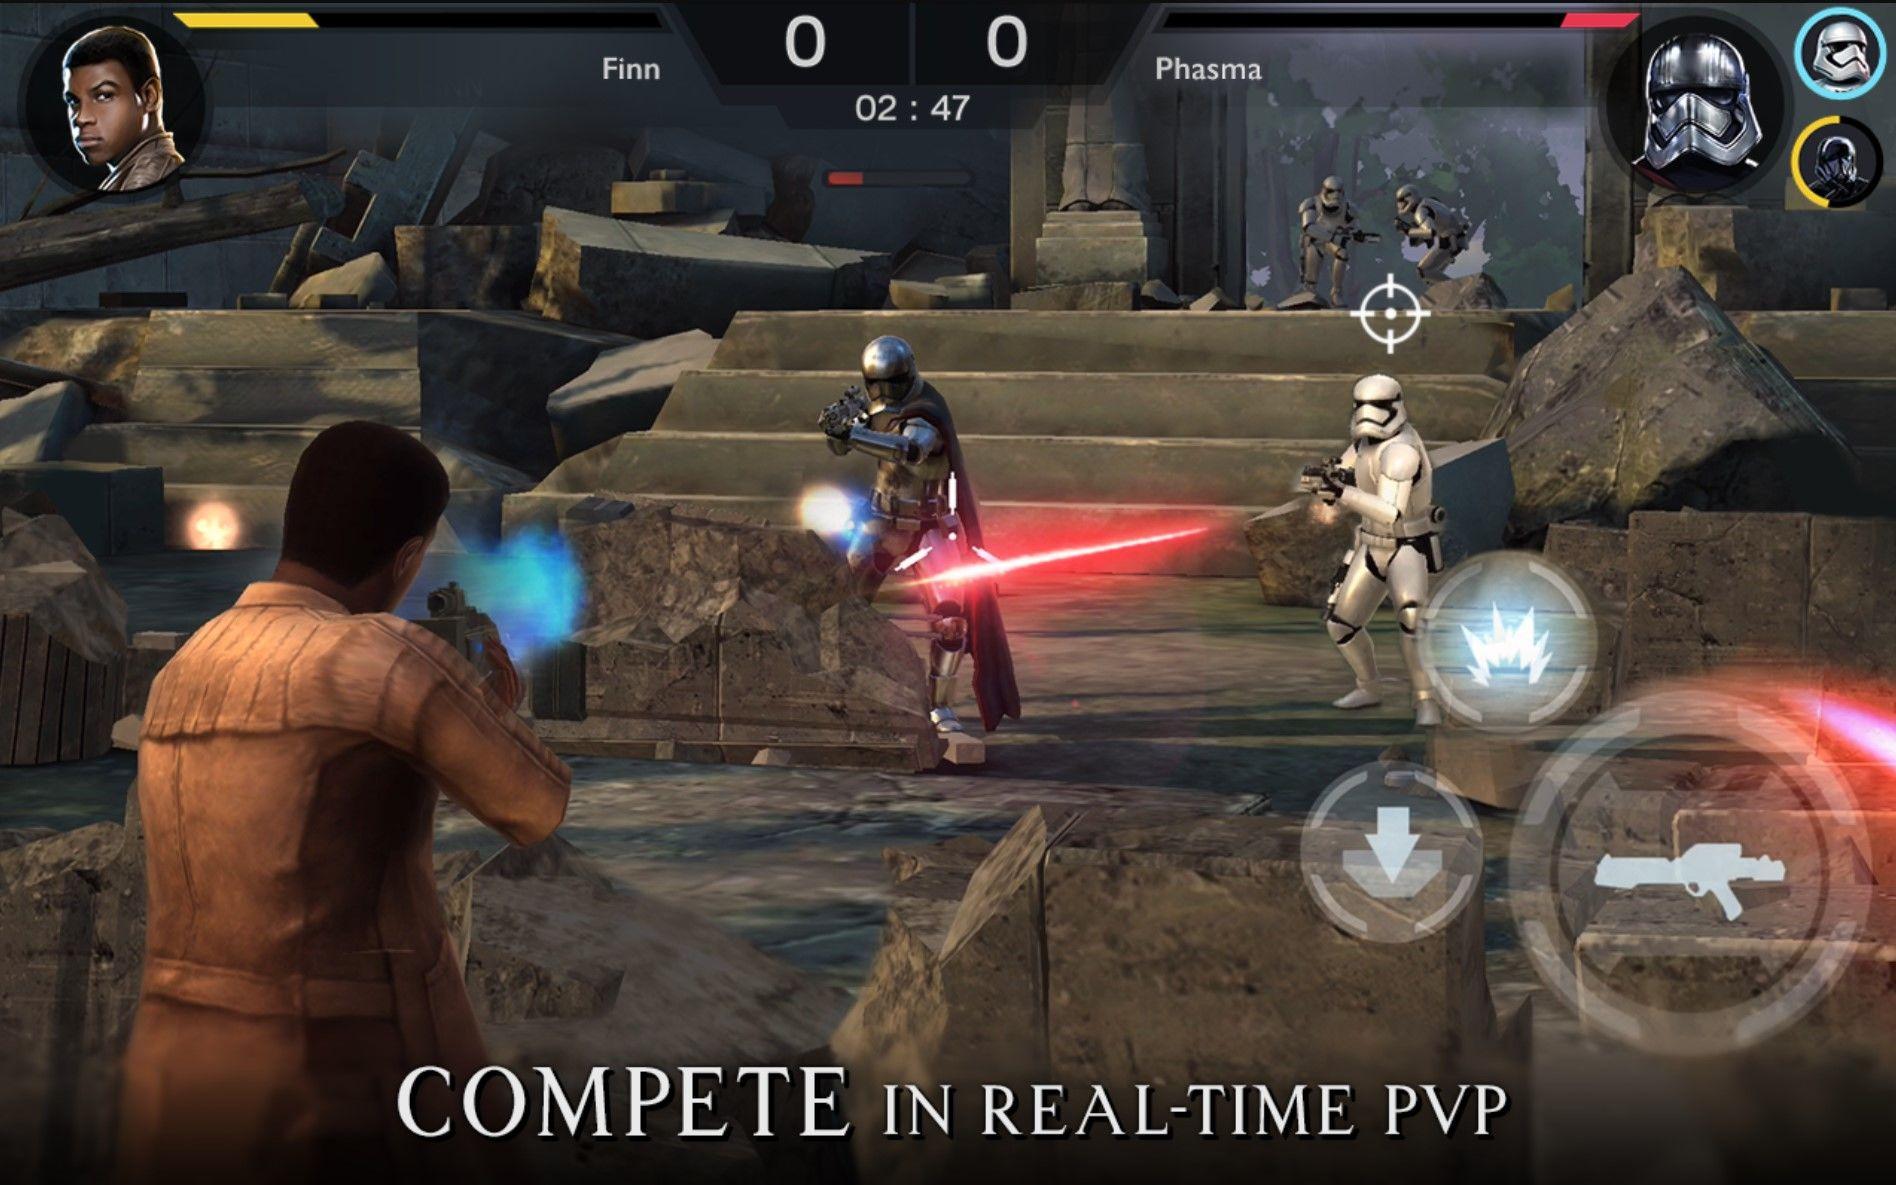 Yeni bir Star Wars oyunu geliyor!